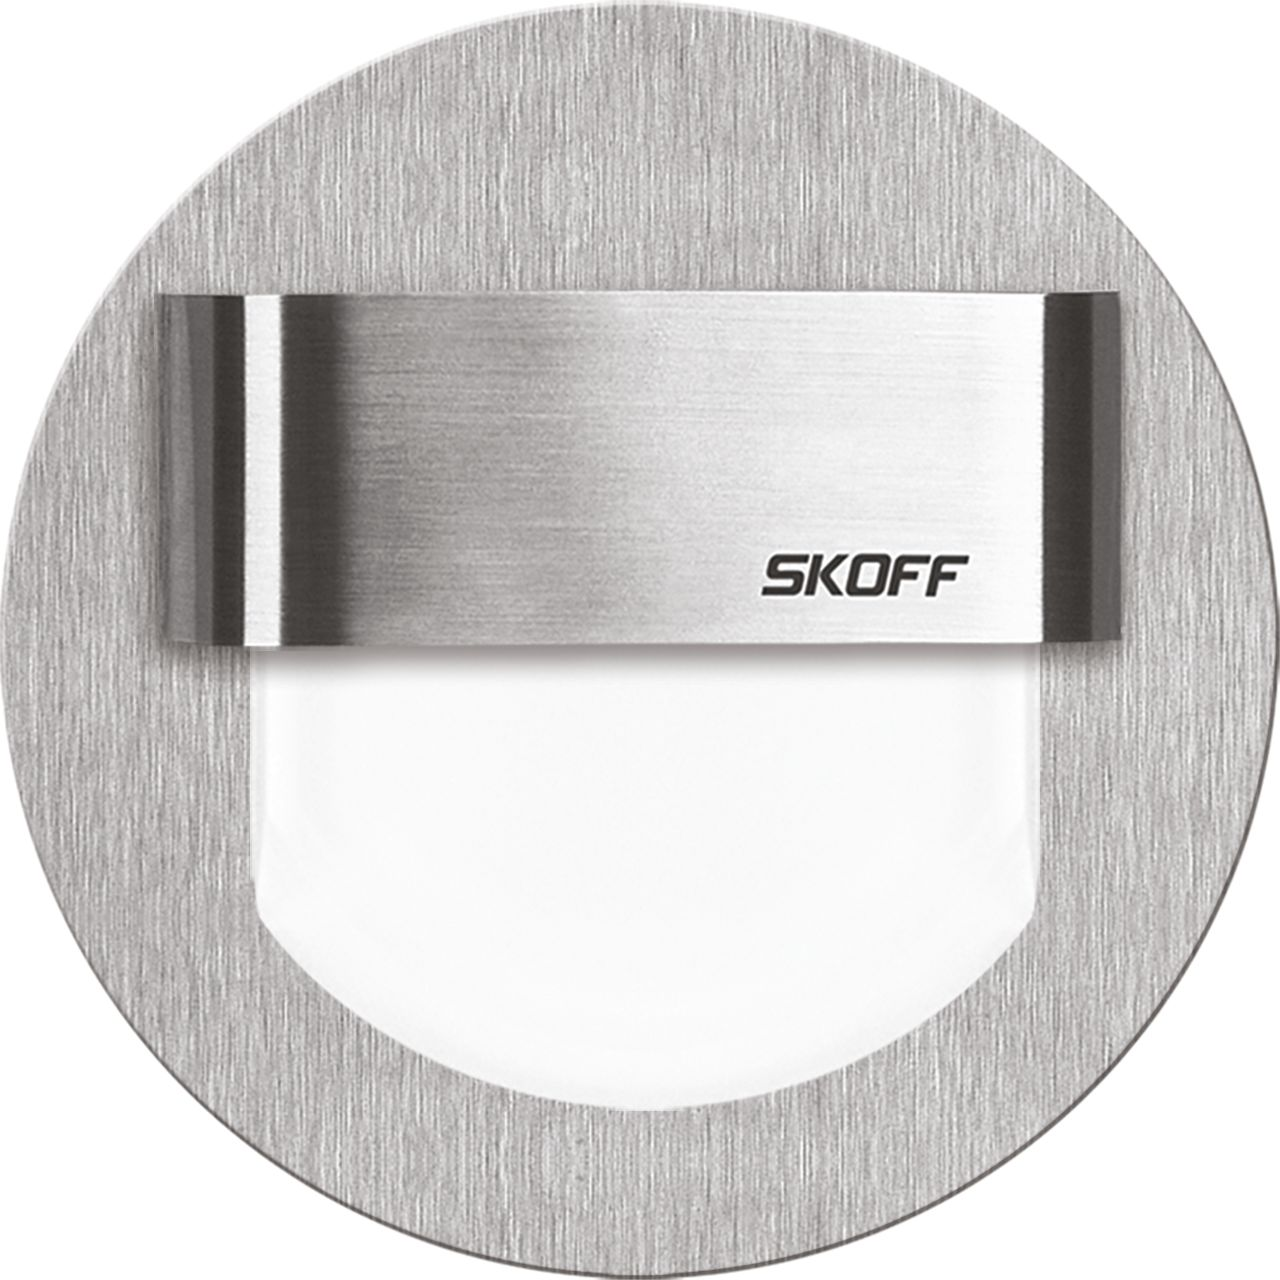 Oprawa schodowa Rueda Skoff 10V okrągła oprawa w kolorze szczotkowane aluminium